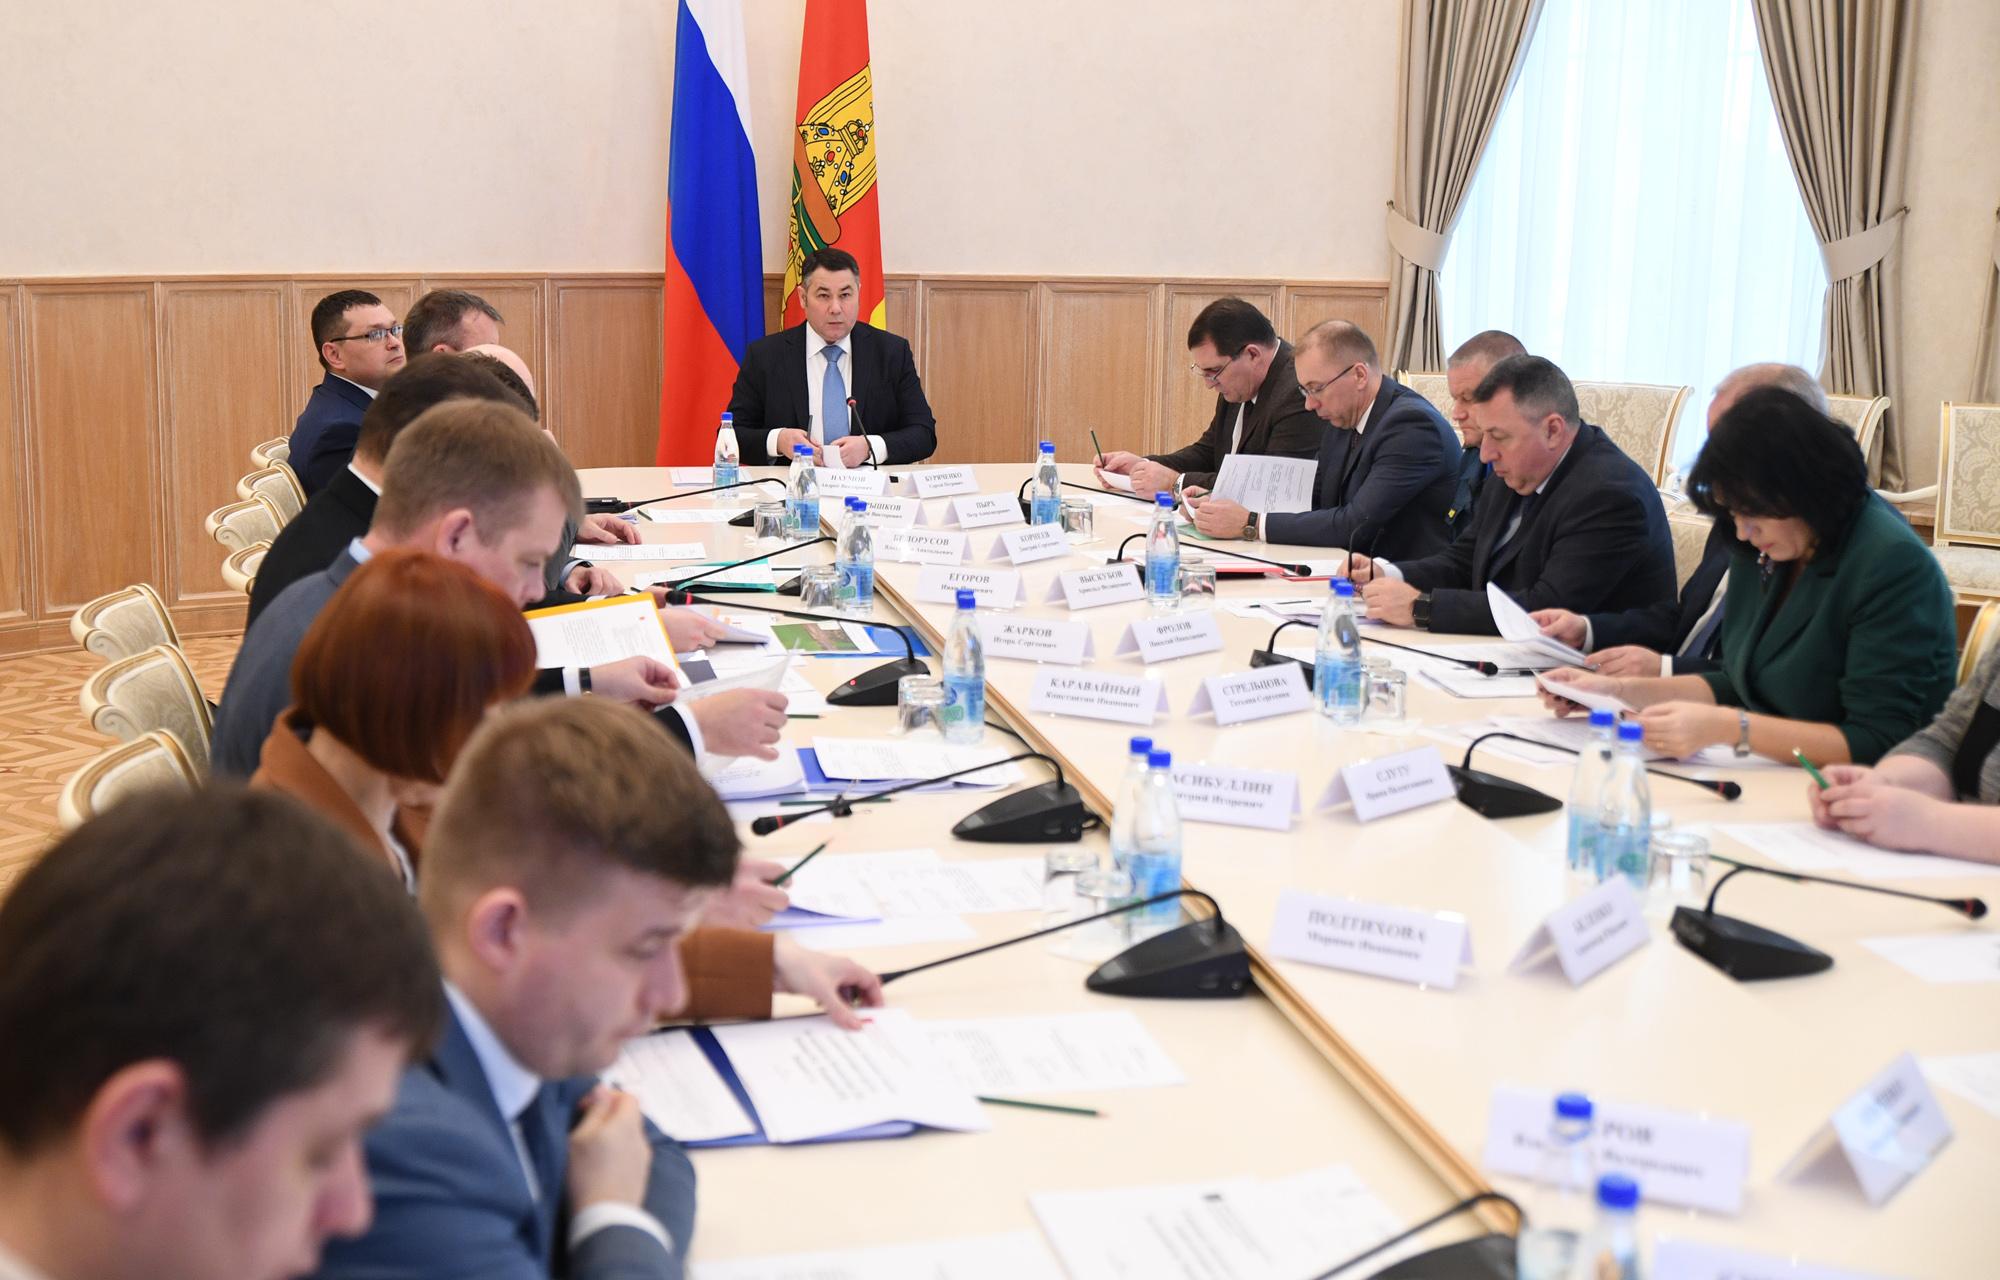 В Калининском районе Тверской области выделен участок для реализации нового инвестпроекта - создания складского комплекса